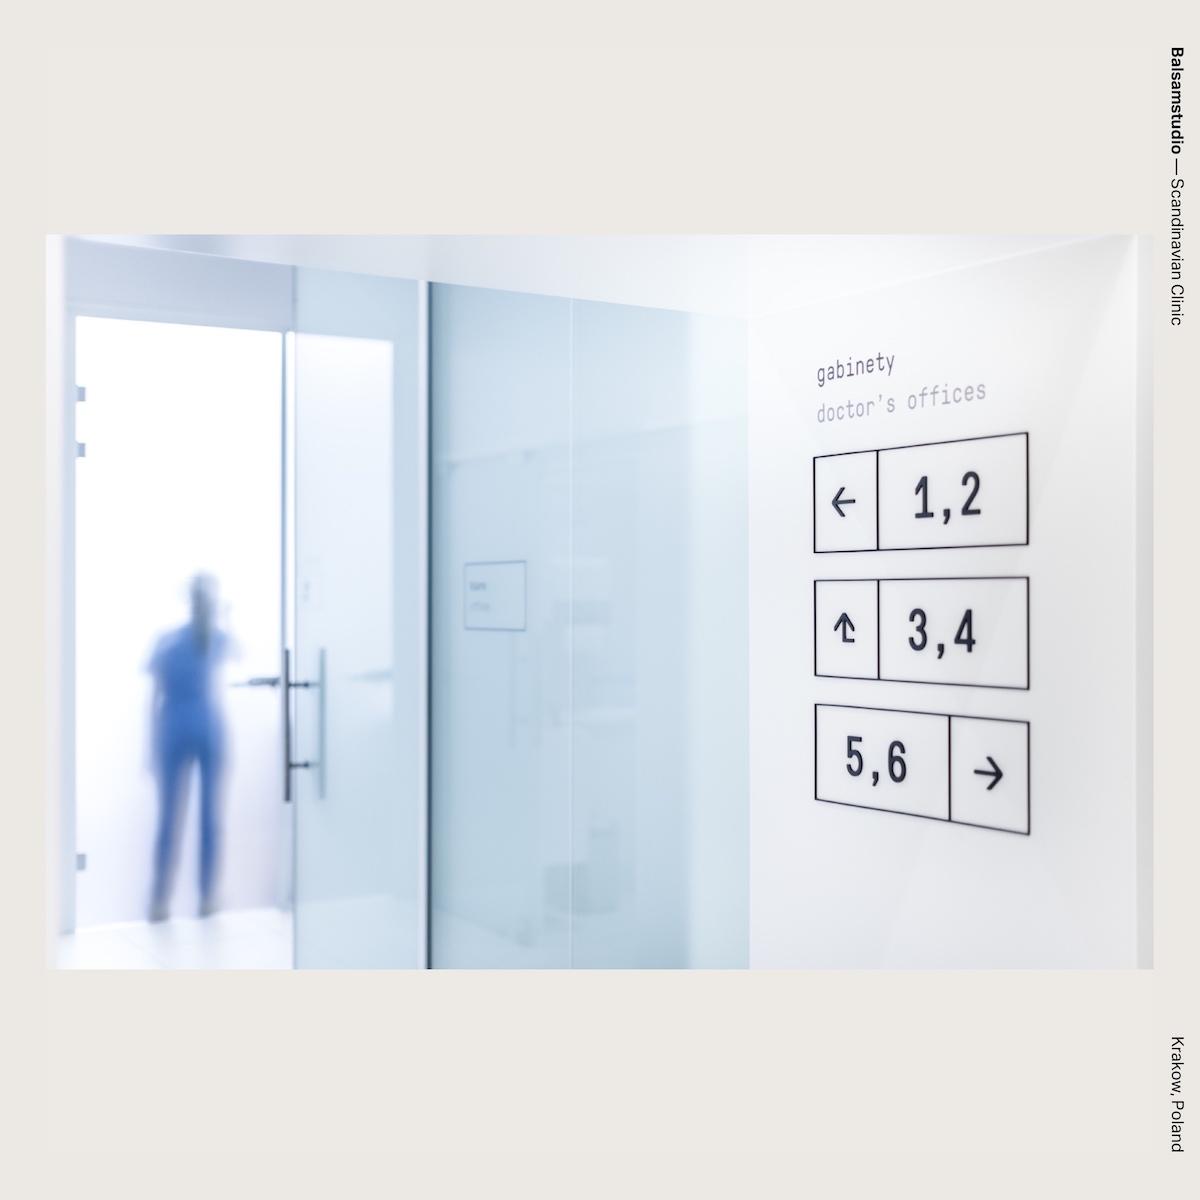 Balsamstudio — Scandinavian Clinic